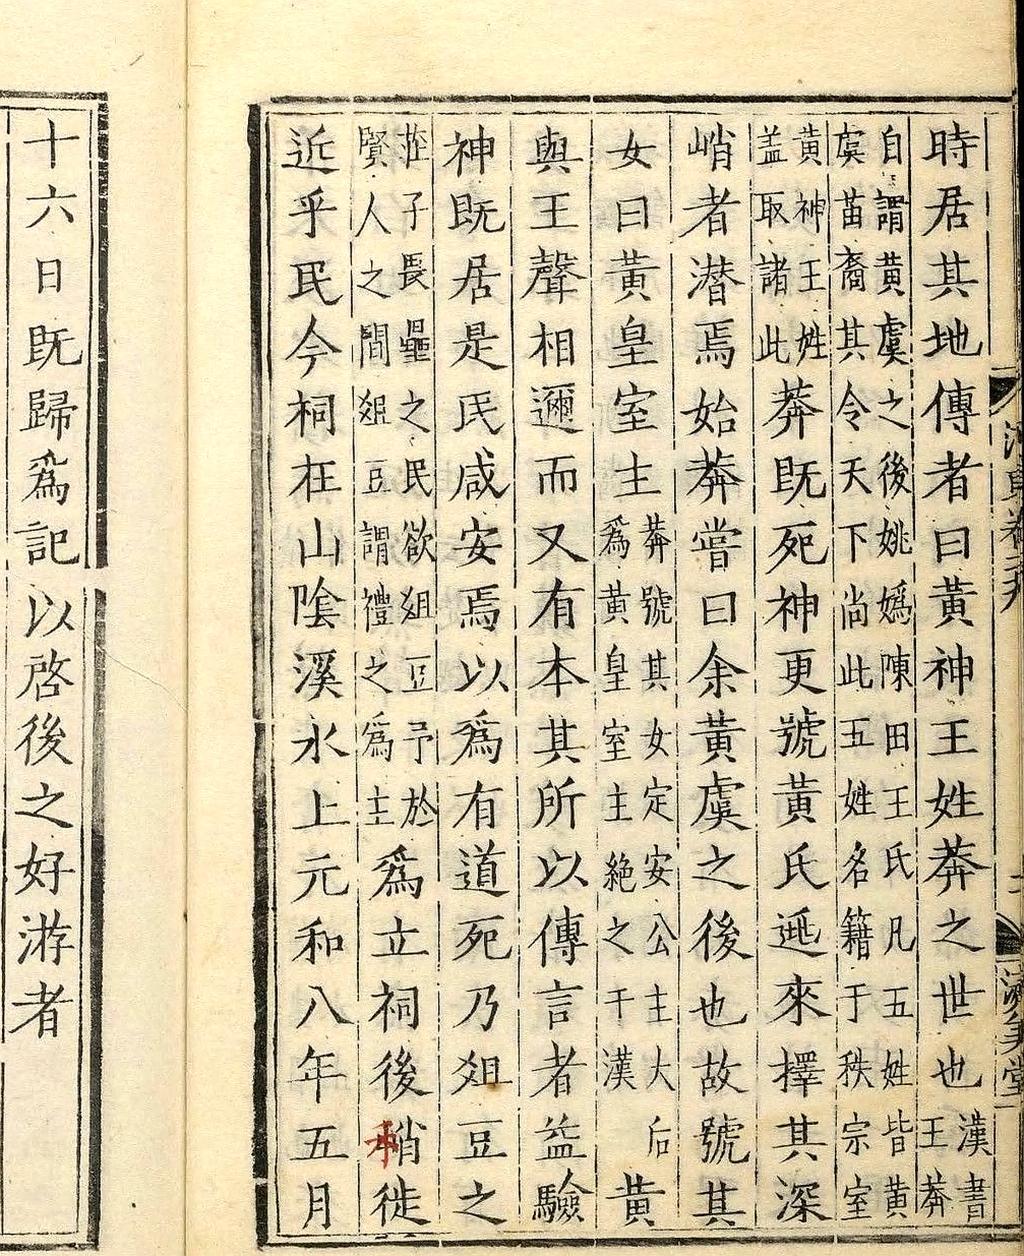 河东先生集29卷3.jpg